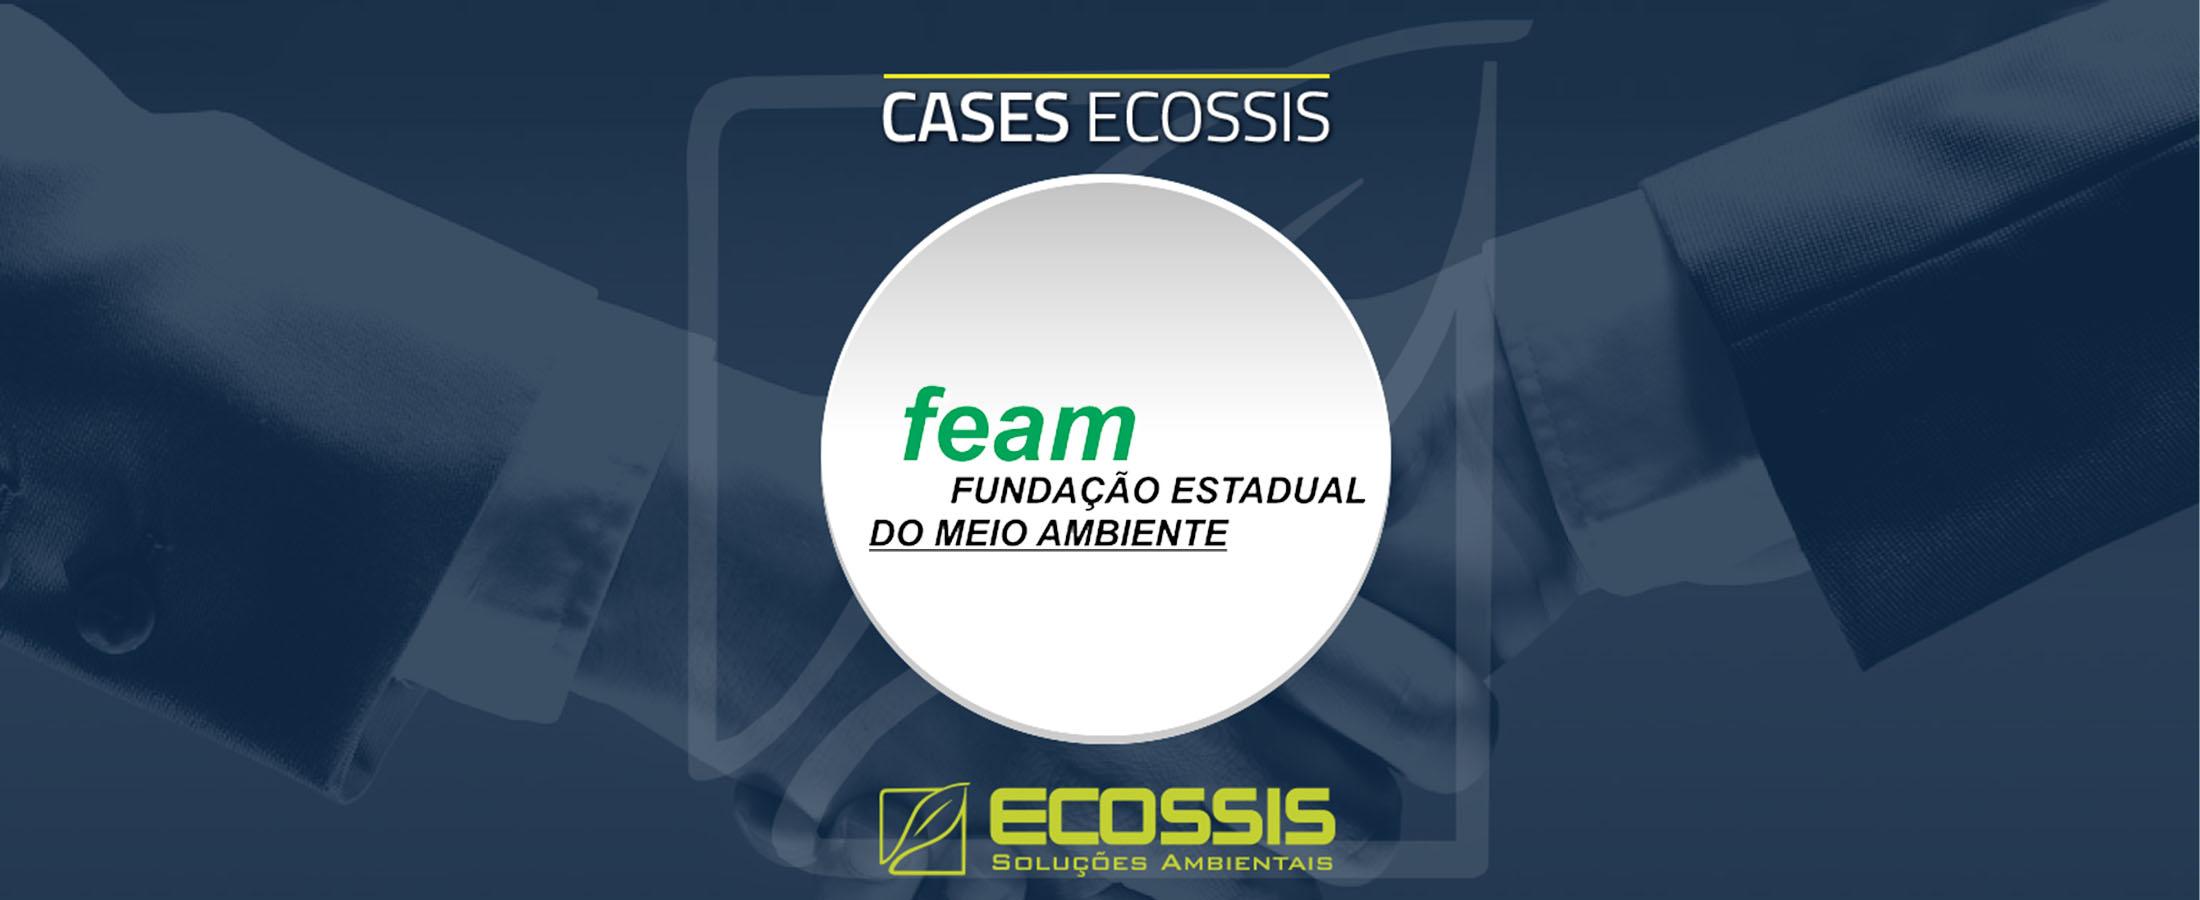 Avaliação de Impacto Ambiental para a FEAM de Minas Gerais